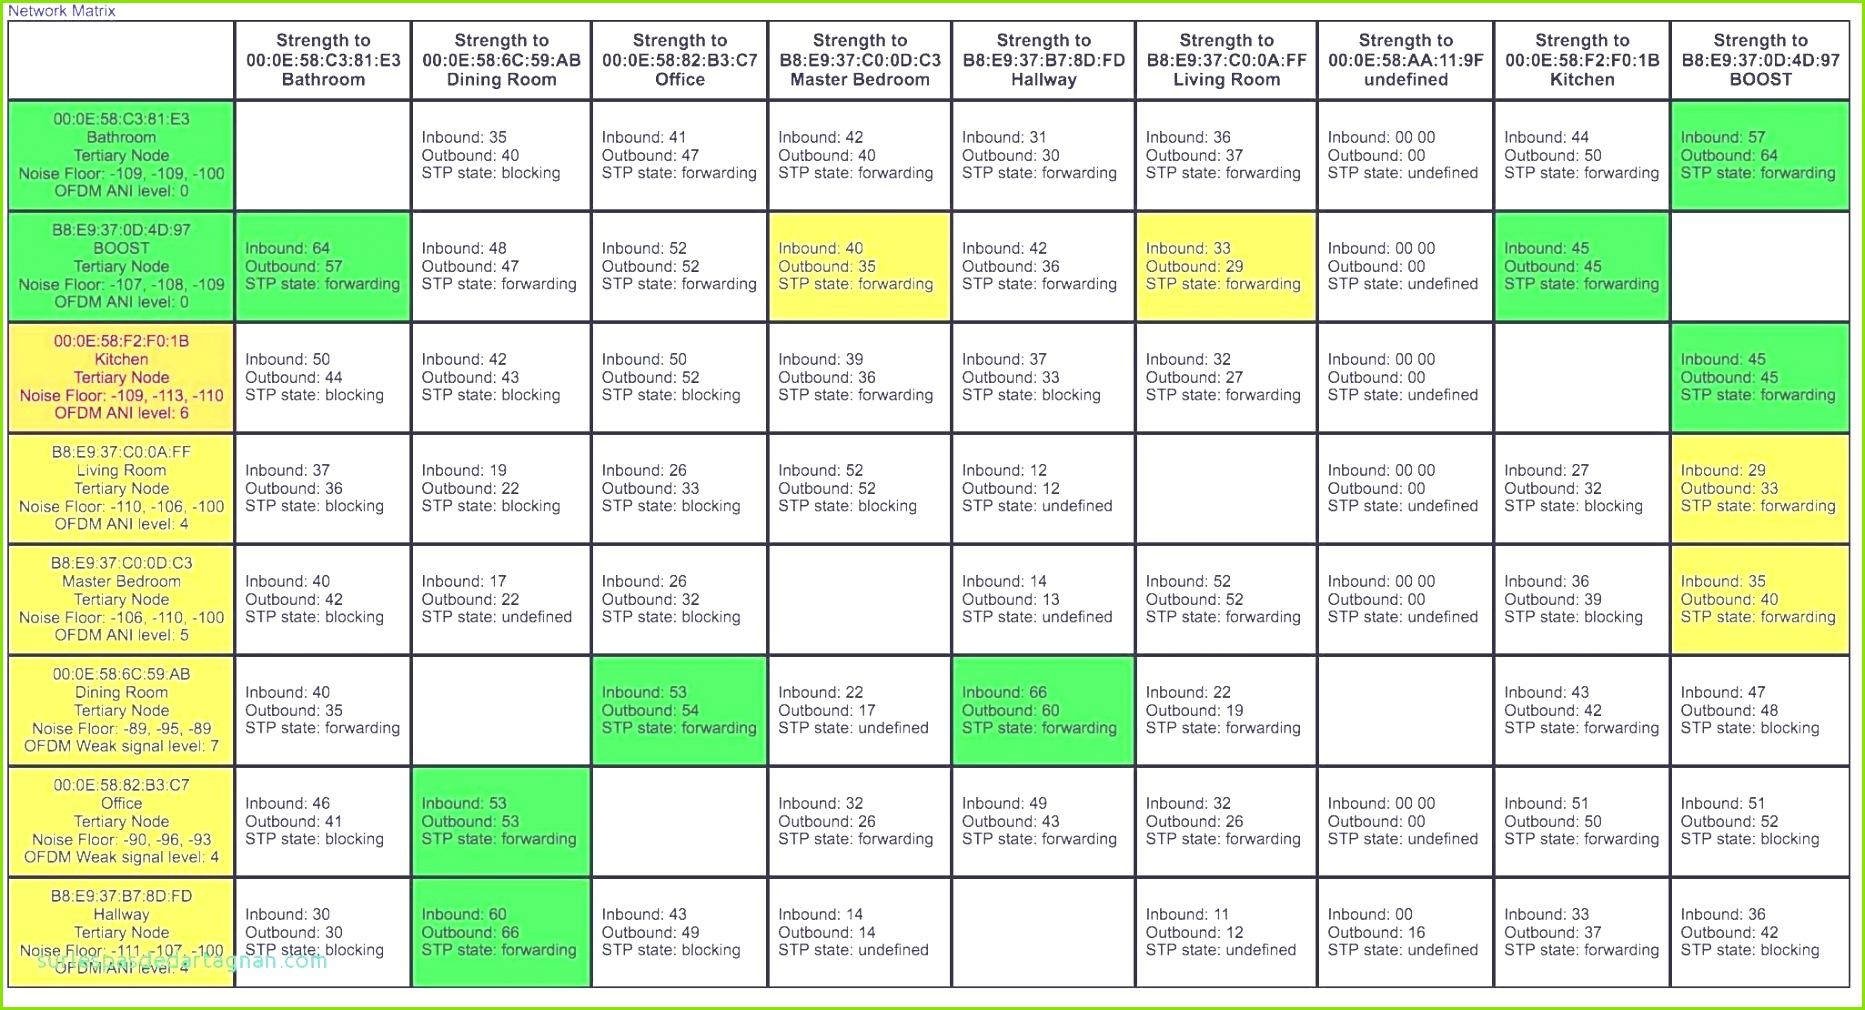 Inventarliste Vorlage Das Beste Von Inventarliste Excel Vorlage Elegant Excel Stundenplan Vorlage Schön